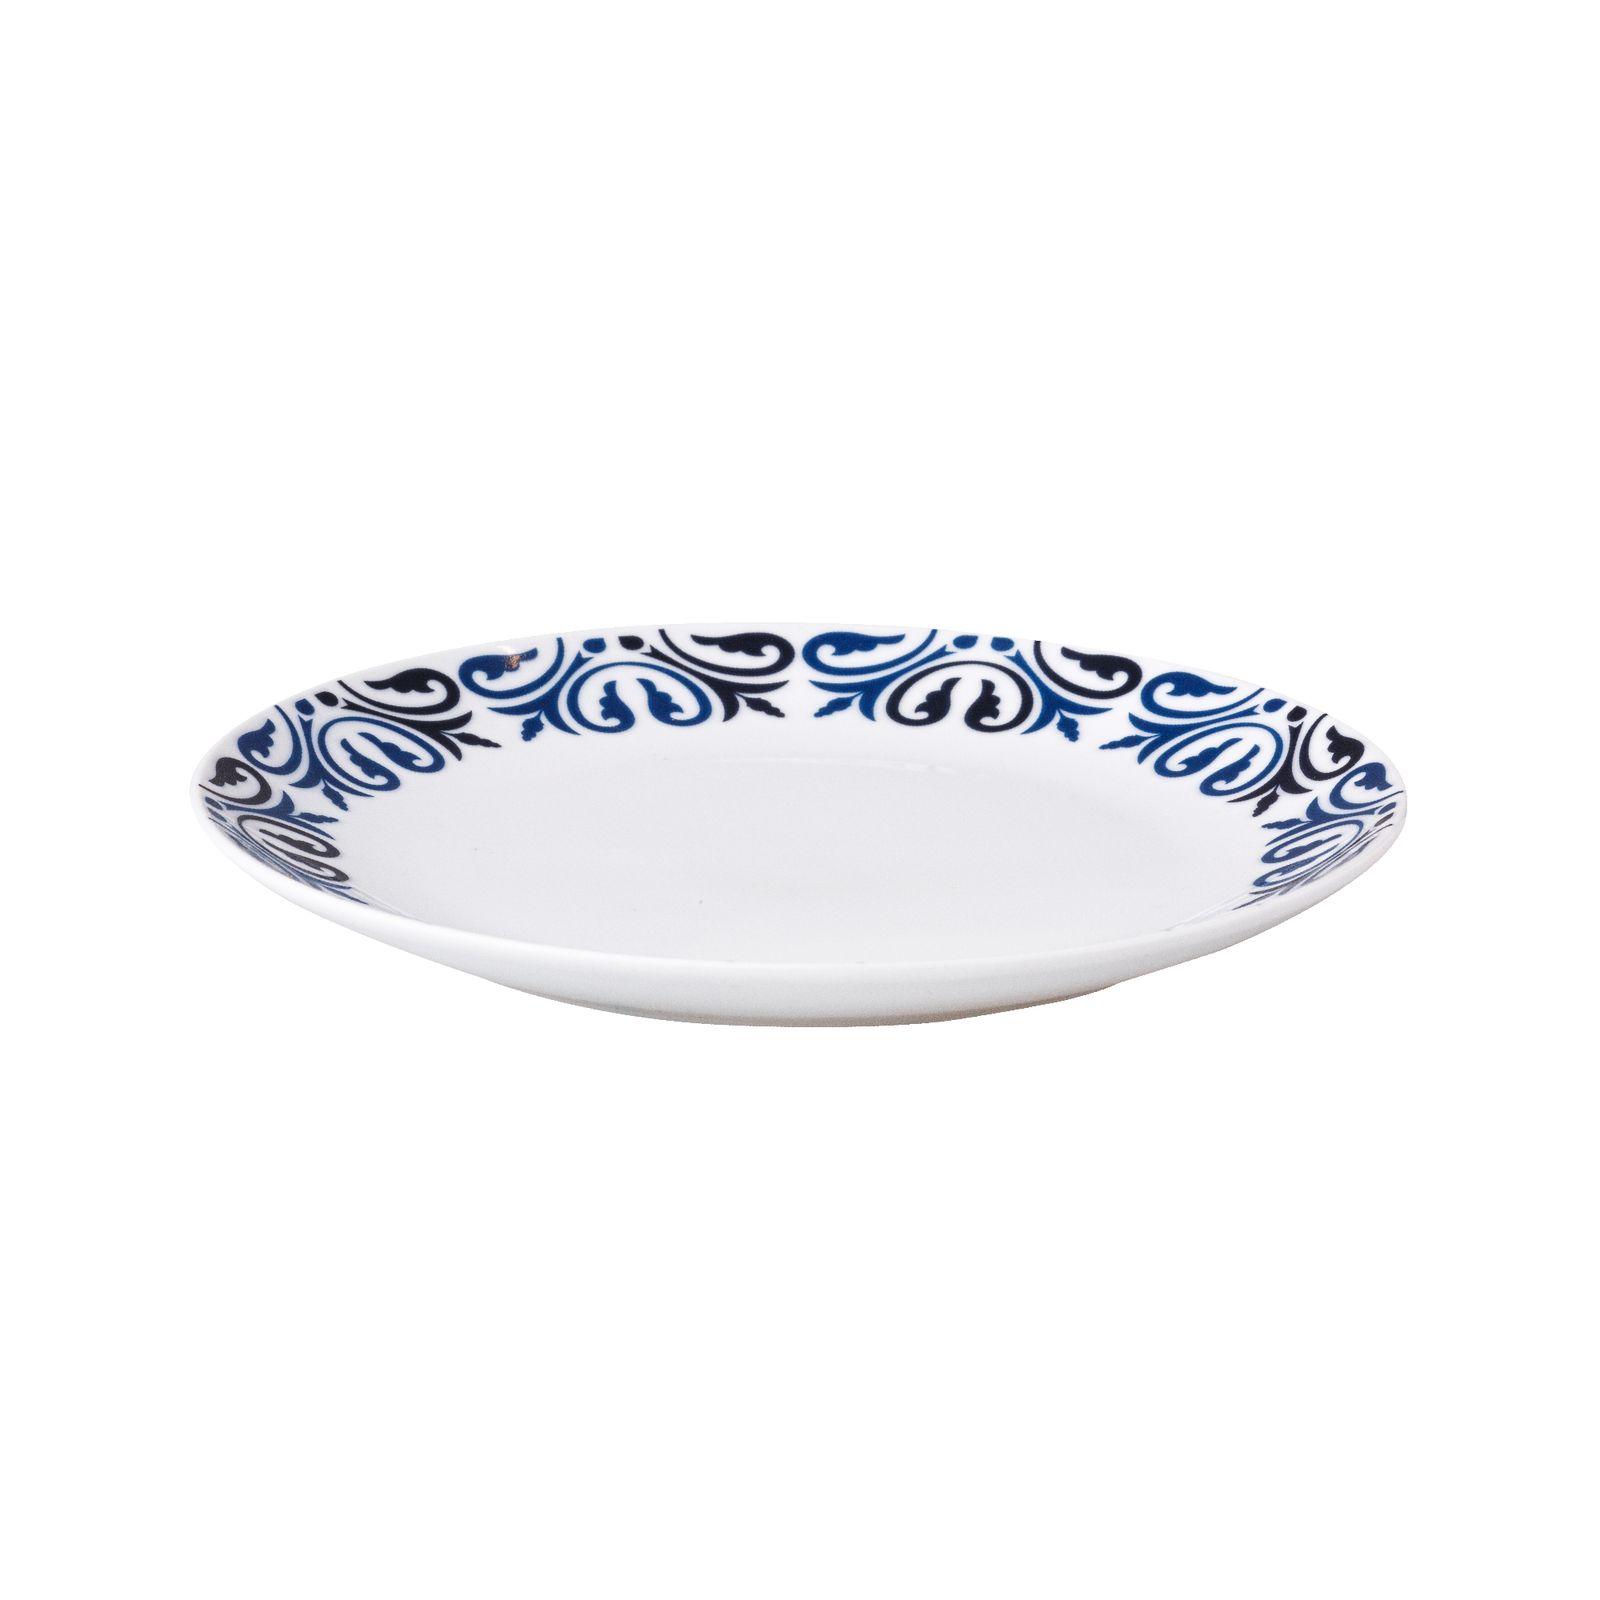 Assiette creuse  Marocco blue navy 21,5 cm AMBITION